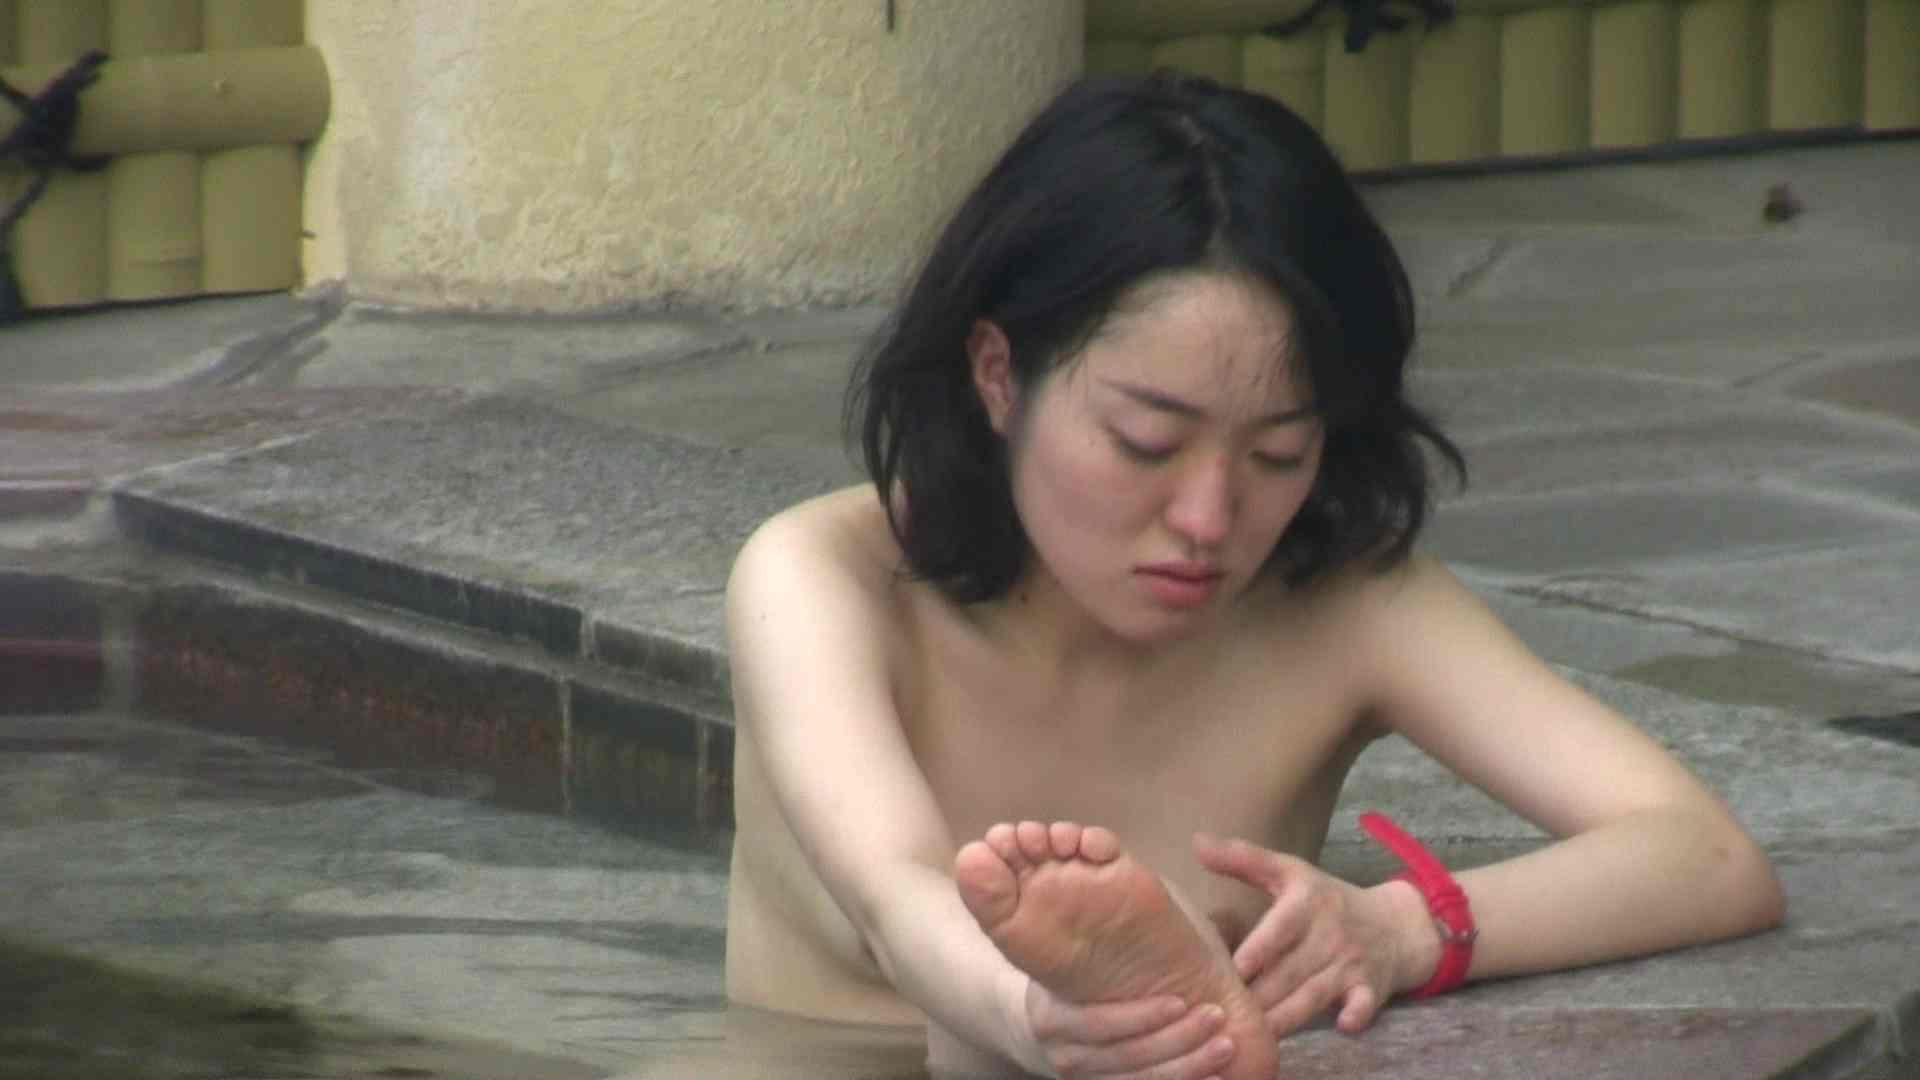 Aquaな露天風呂Vol.681 盗撮シリーズ  94PIX 14